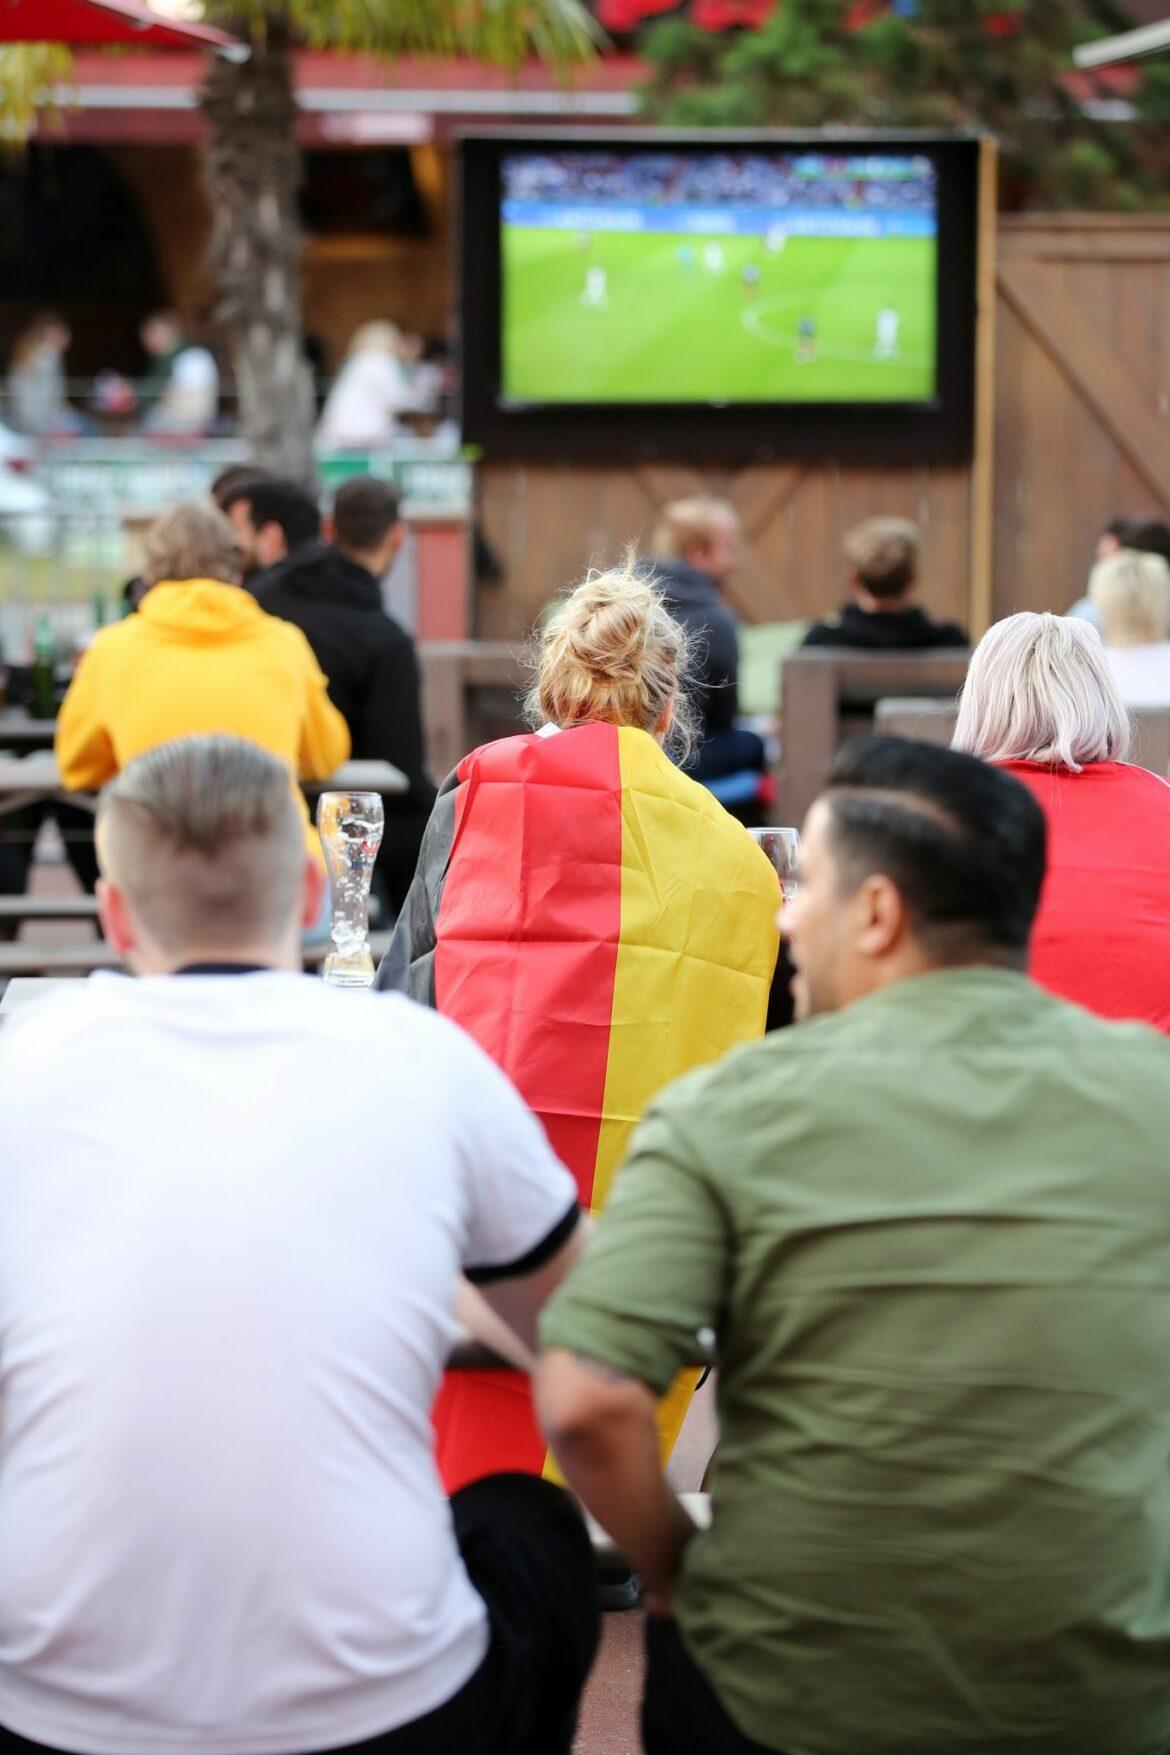 Über 22 Millionen Zuschauer: ZDF mit bisheriger Top-Quote